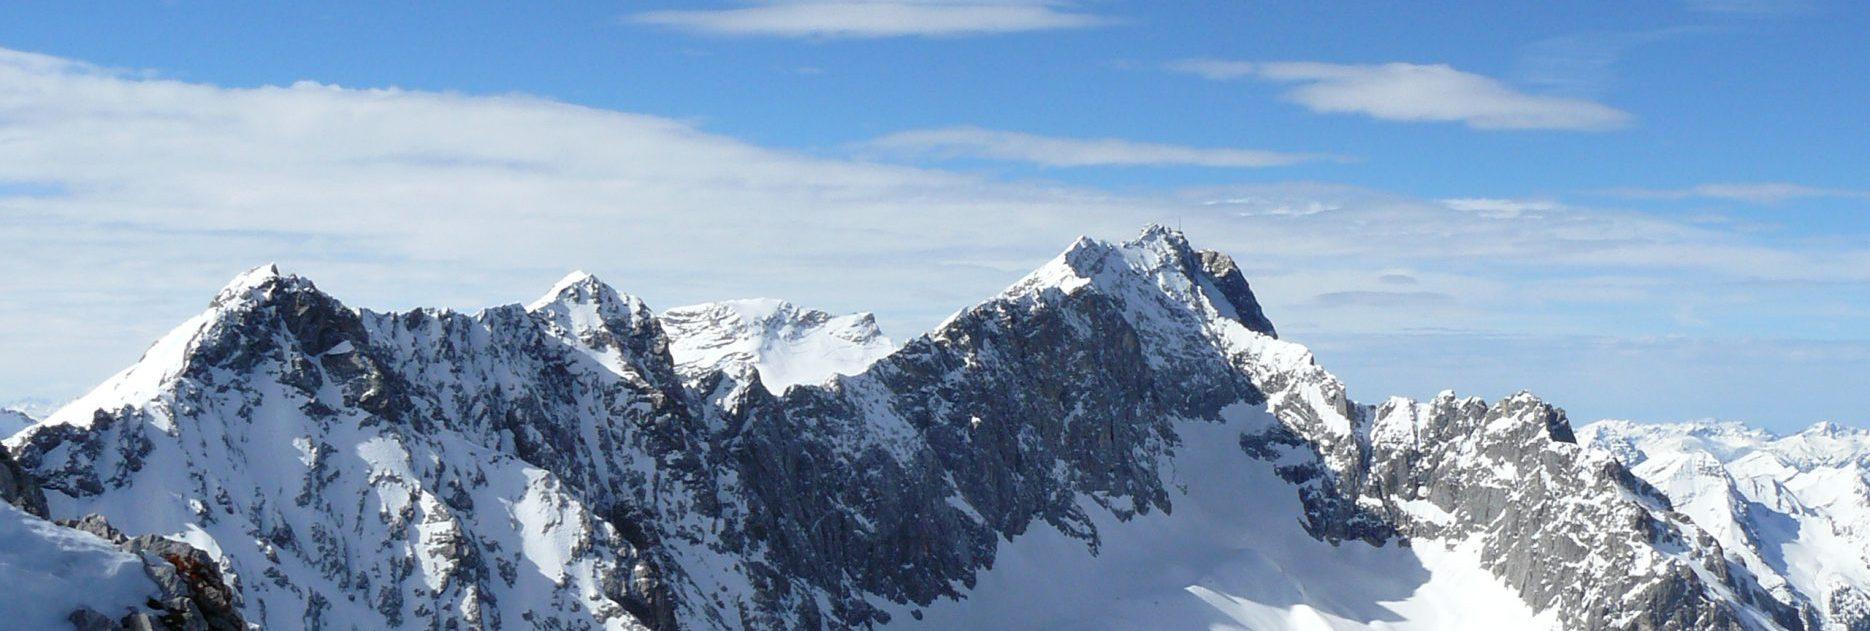 Jubiläumsgrat Winter (2 Tage)